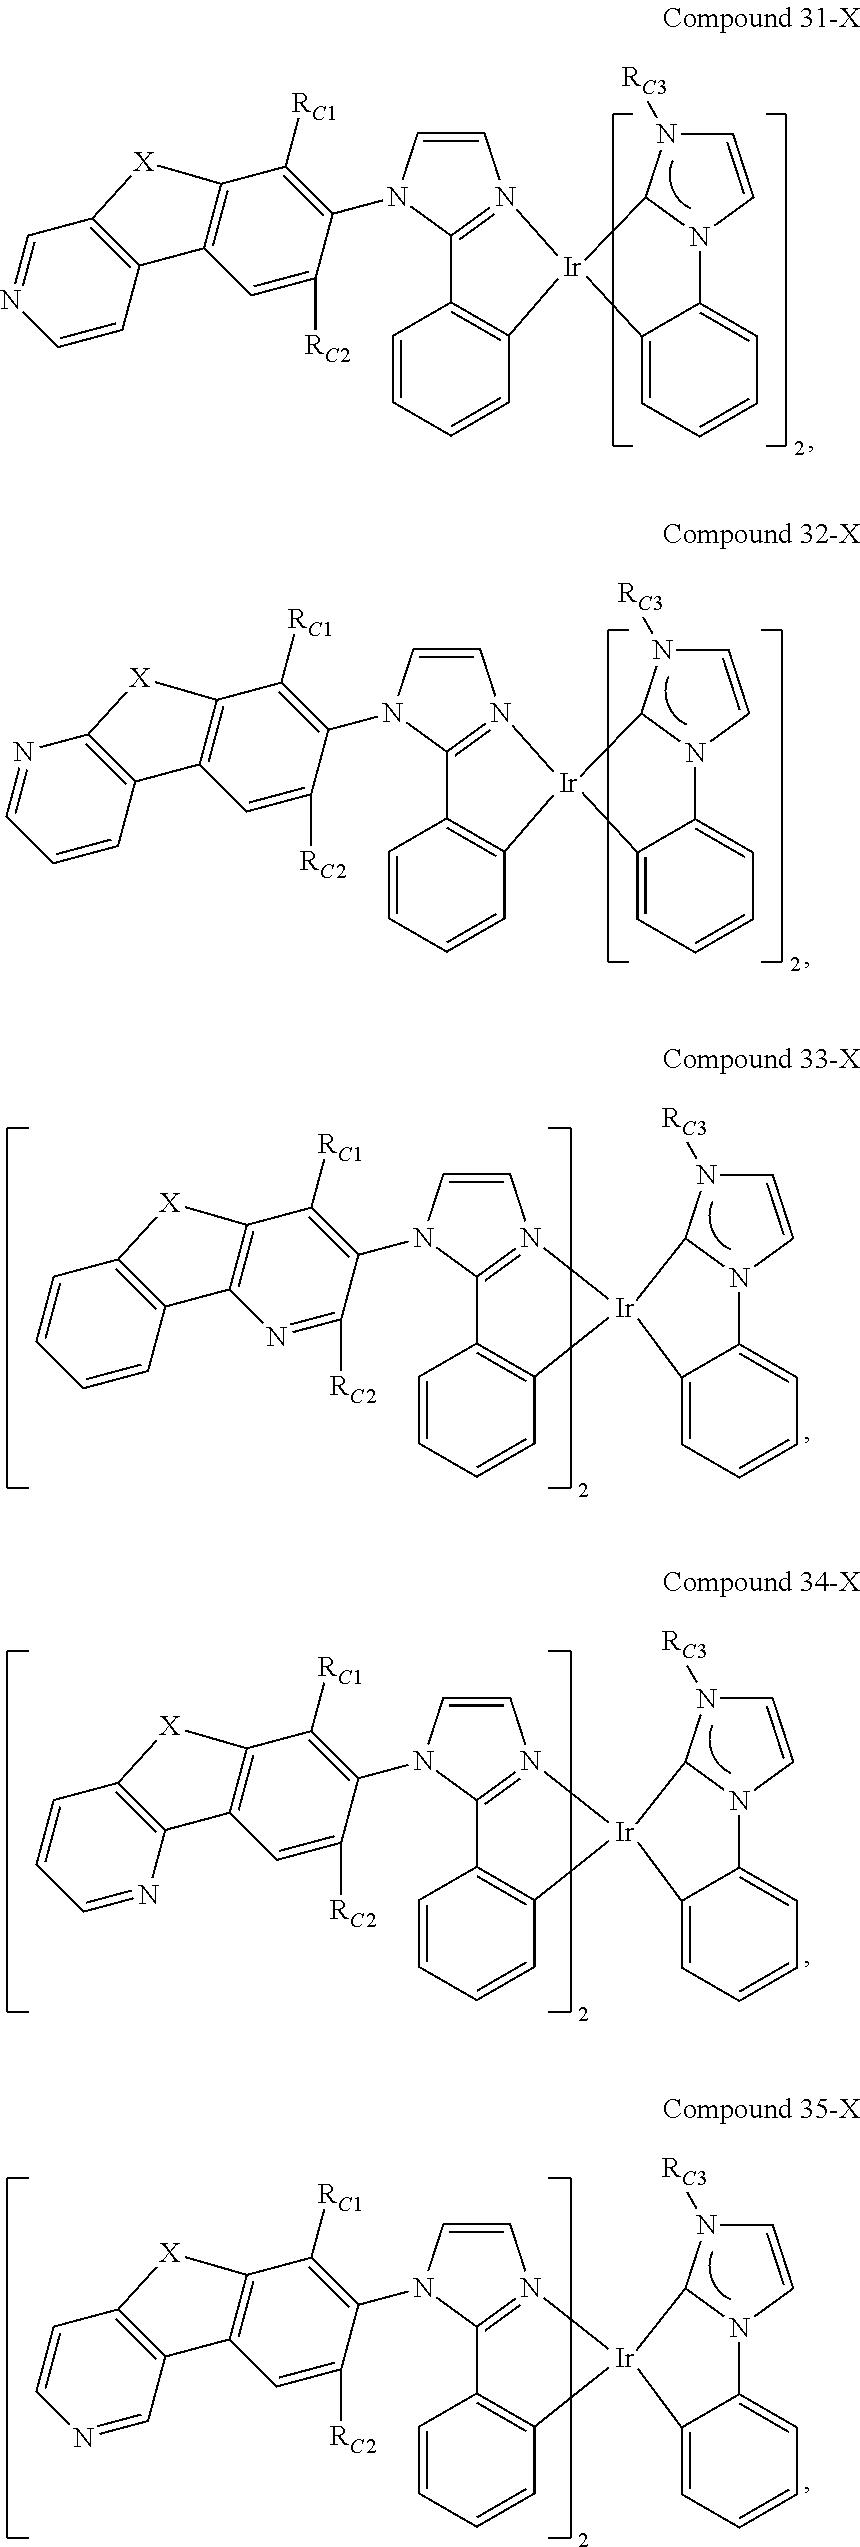 Figure US09978958-20180522-C00012